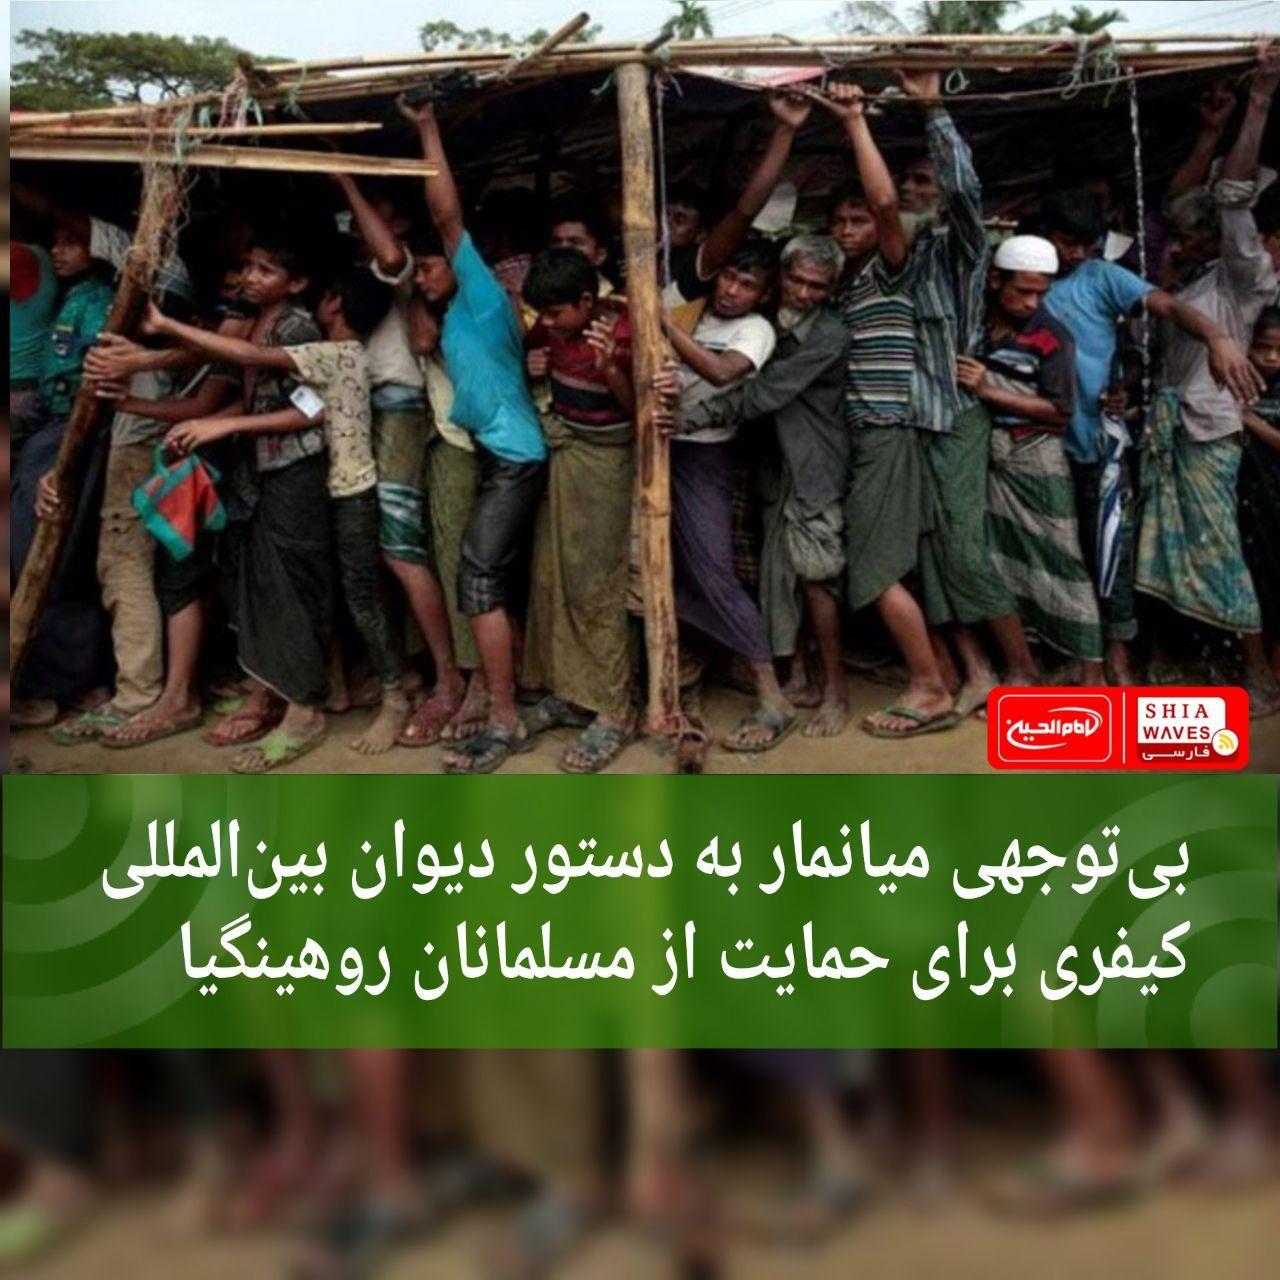 تصویر بیتوجهی میانمار به دستور دیوان بینالمللی کیفری برای حمایت از مسلمانان روهینگیا